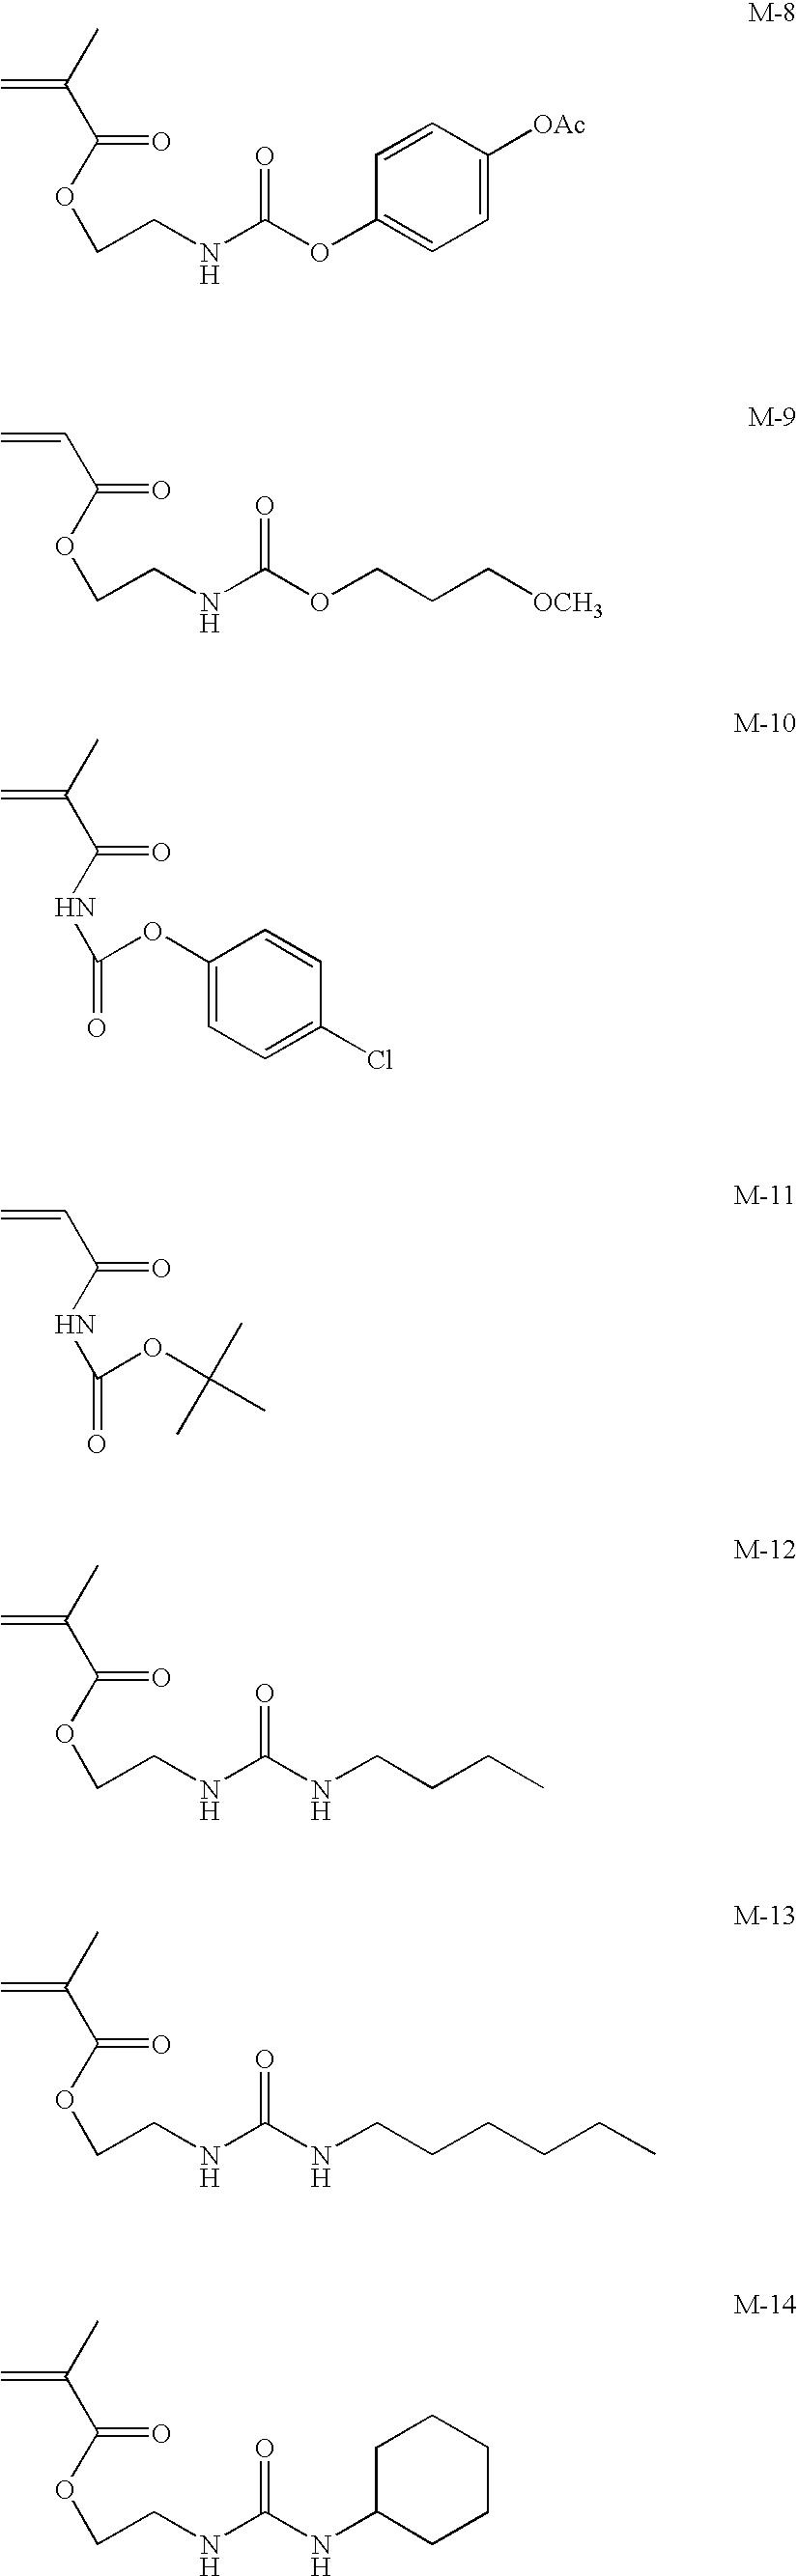 Figure US20070212641A1-20070913-C00165